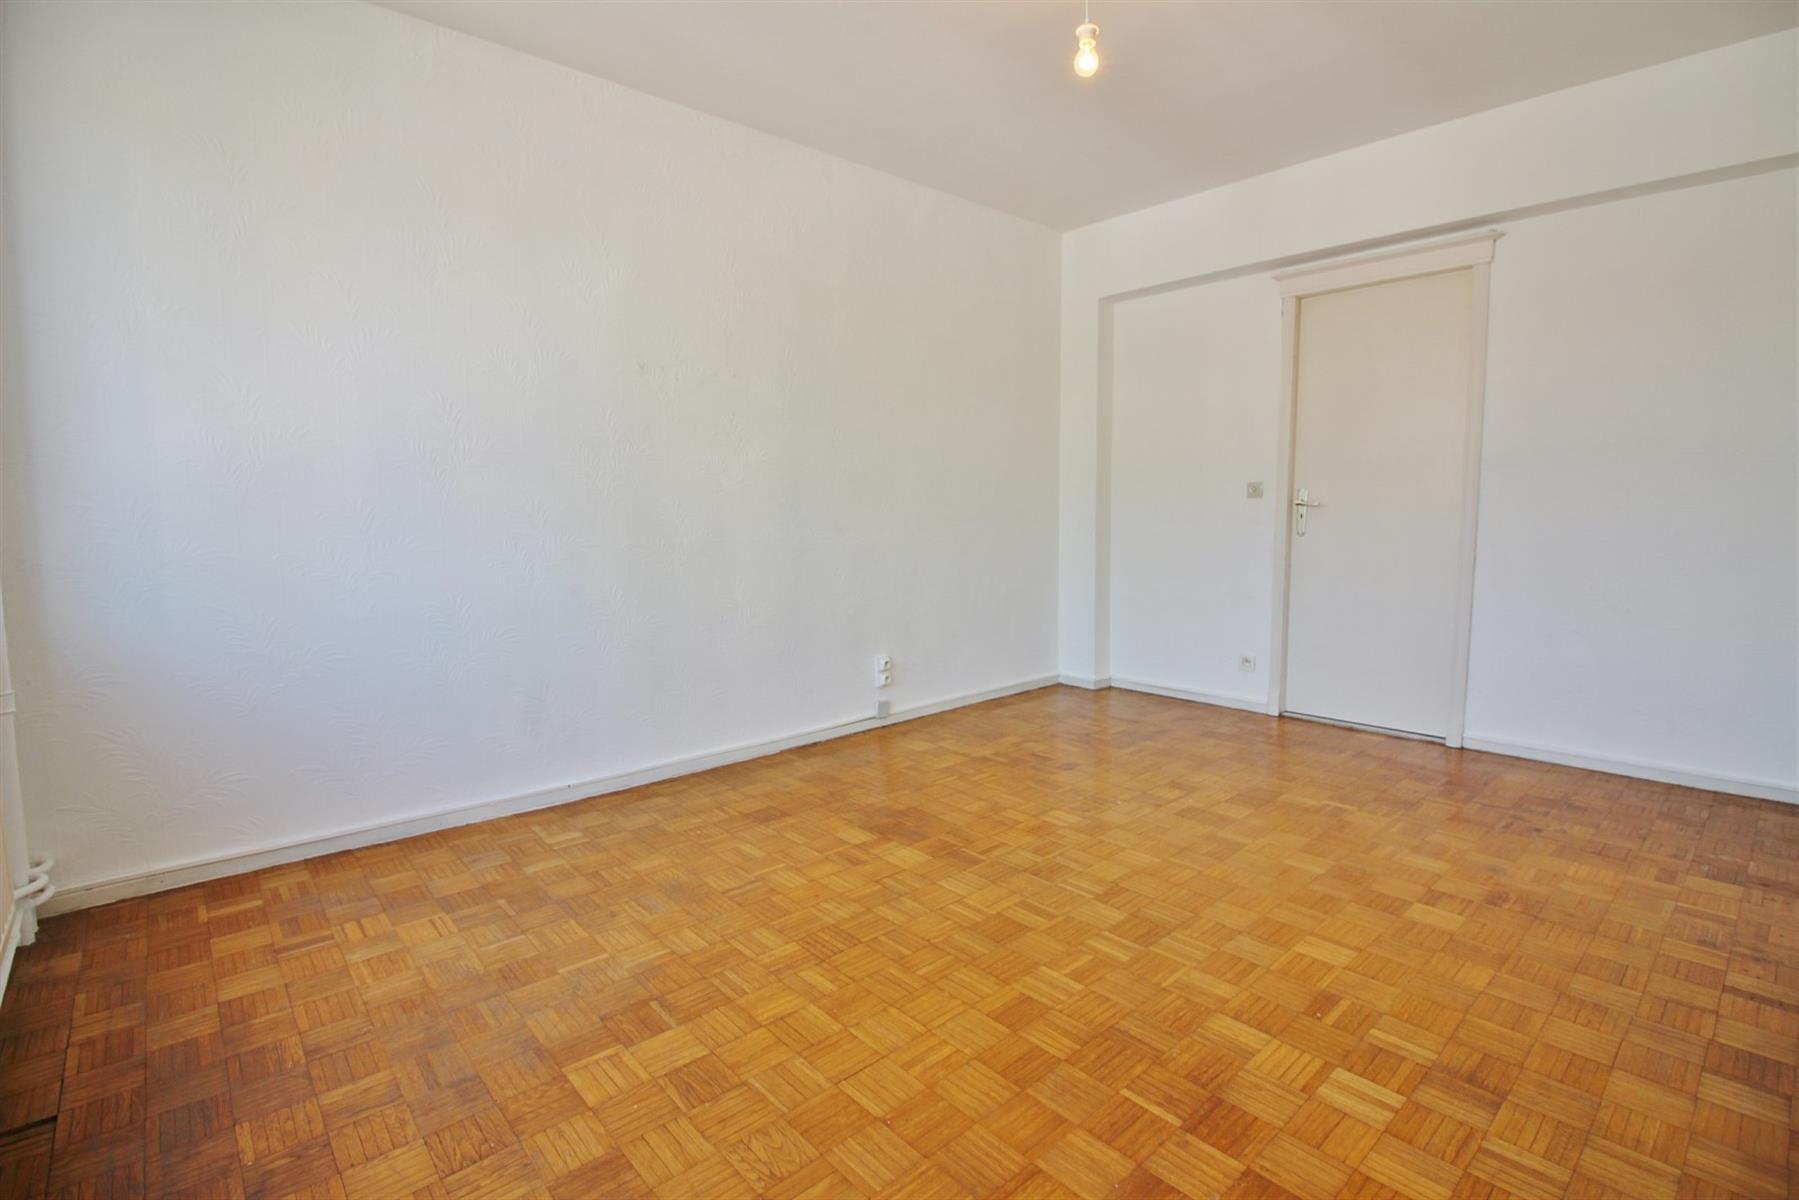 Appartement - Liege - #4348061-12